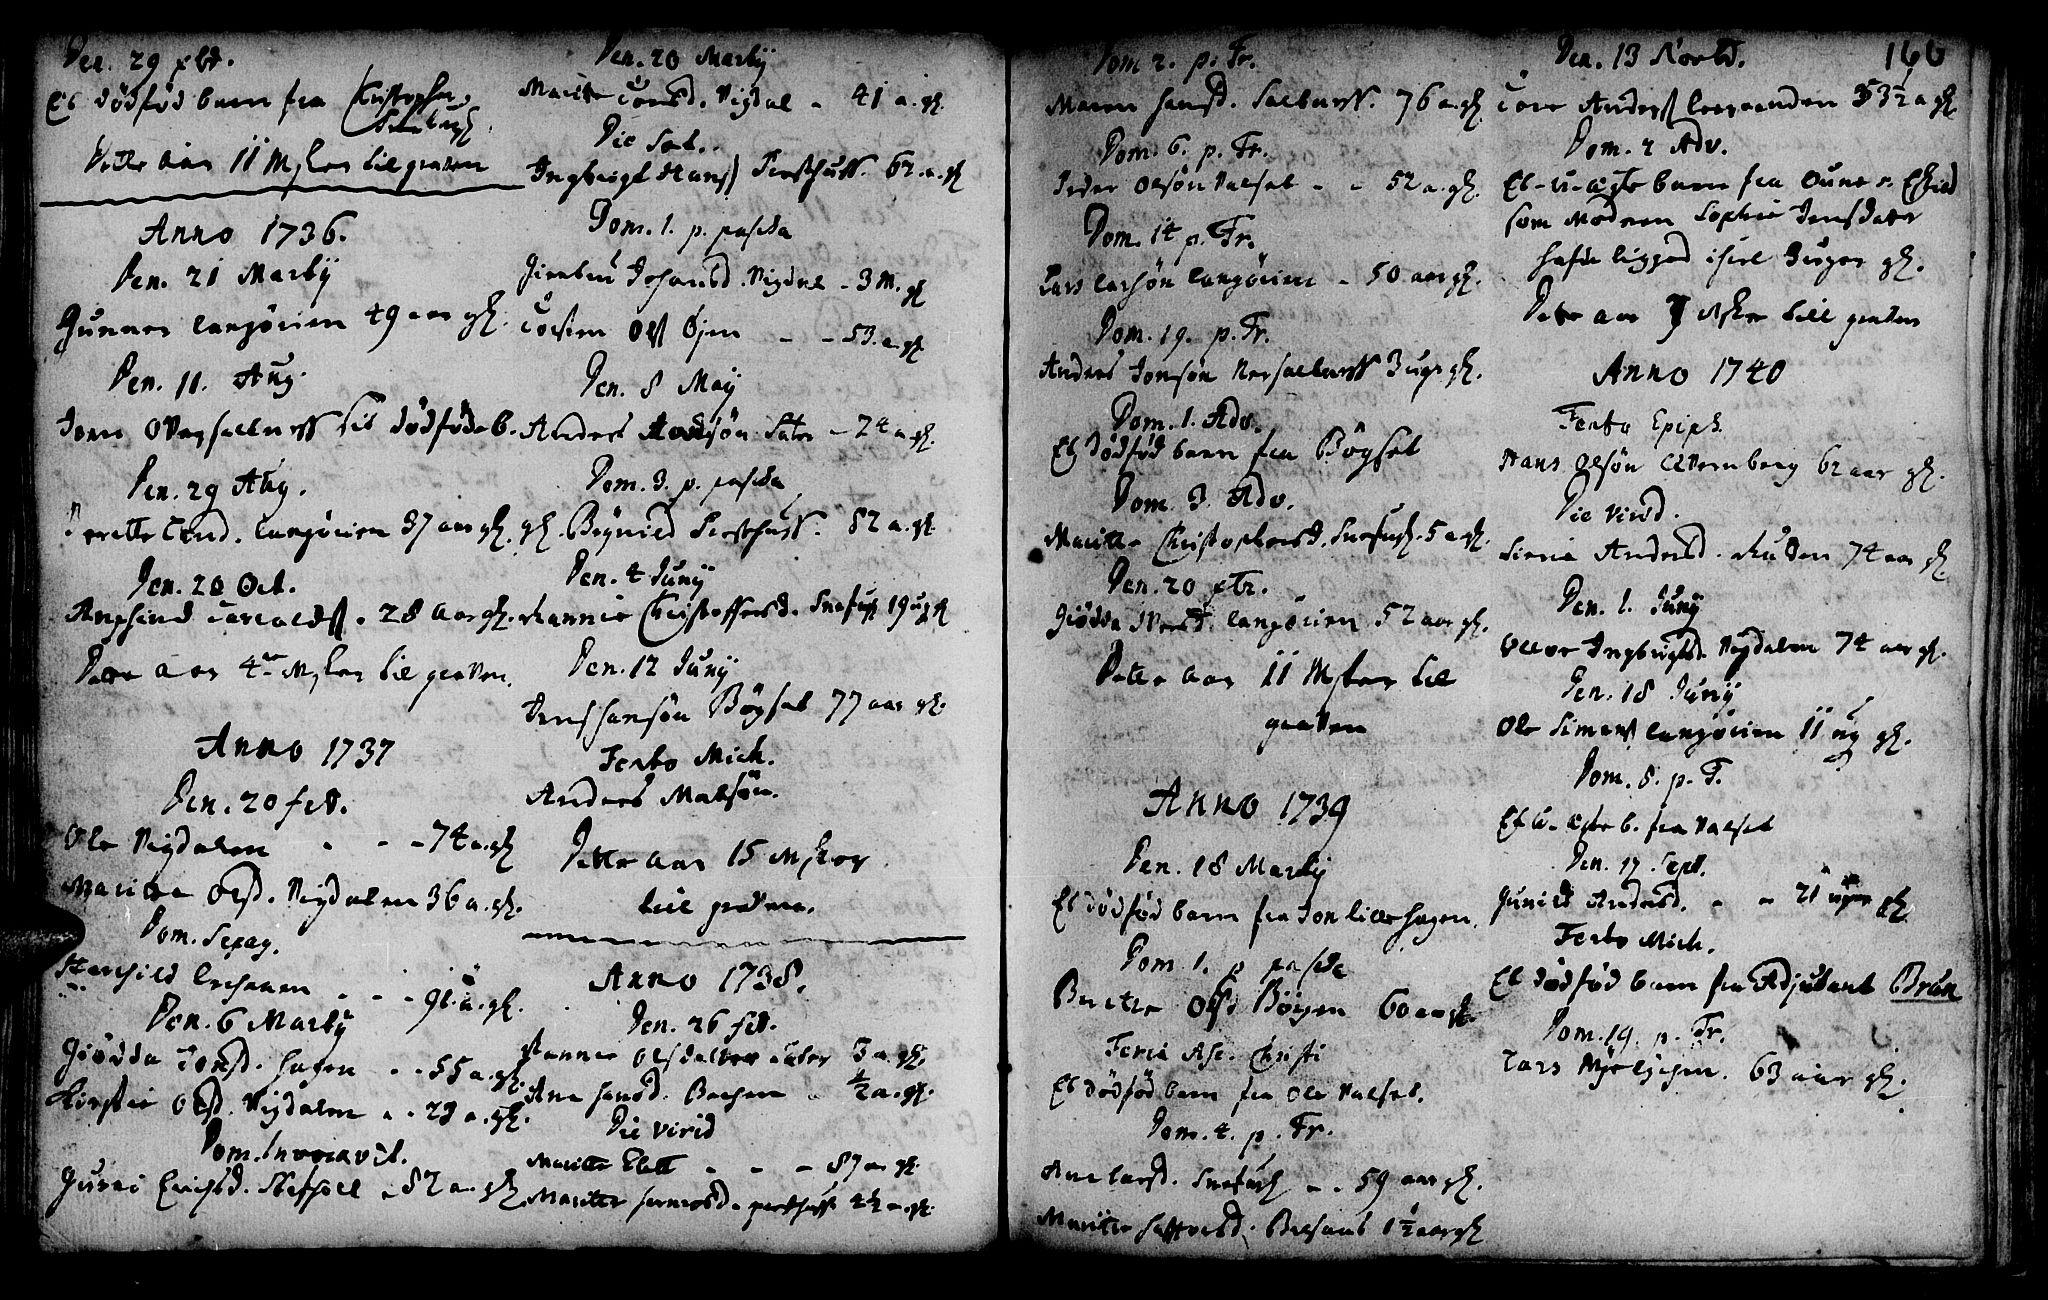 SAT, Ministerialprotokoller, klokkerbøker og fødselsregistre - Sør-Trøndelag, 666/L0783: Ministerialbok nr. 666A01, 1702-1753, s. 166